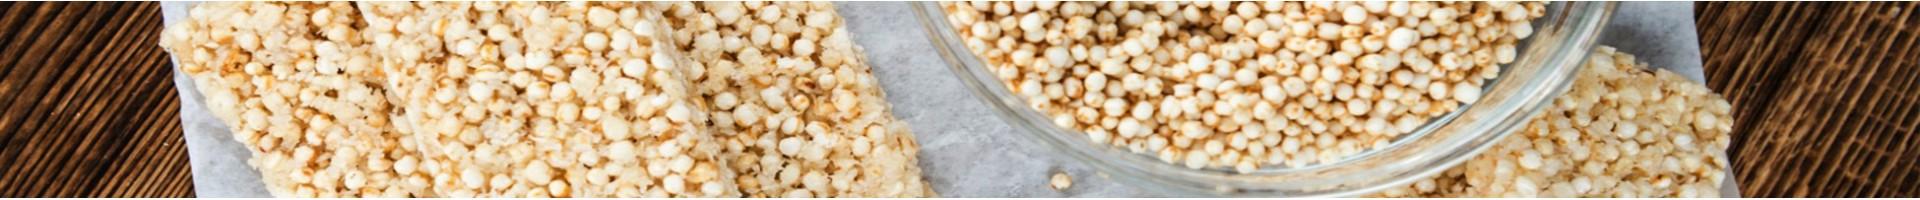 Barritas de Cereales Ecológicas Sin Gluten | Compra Online | Finestra